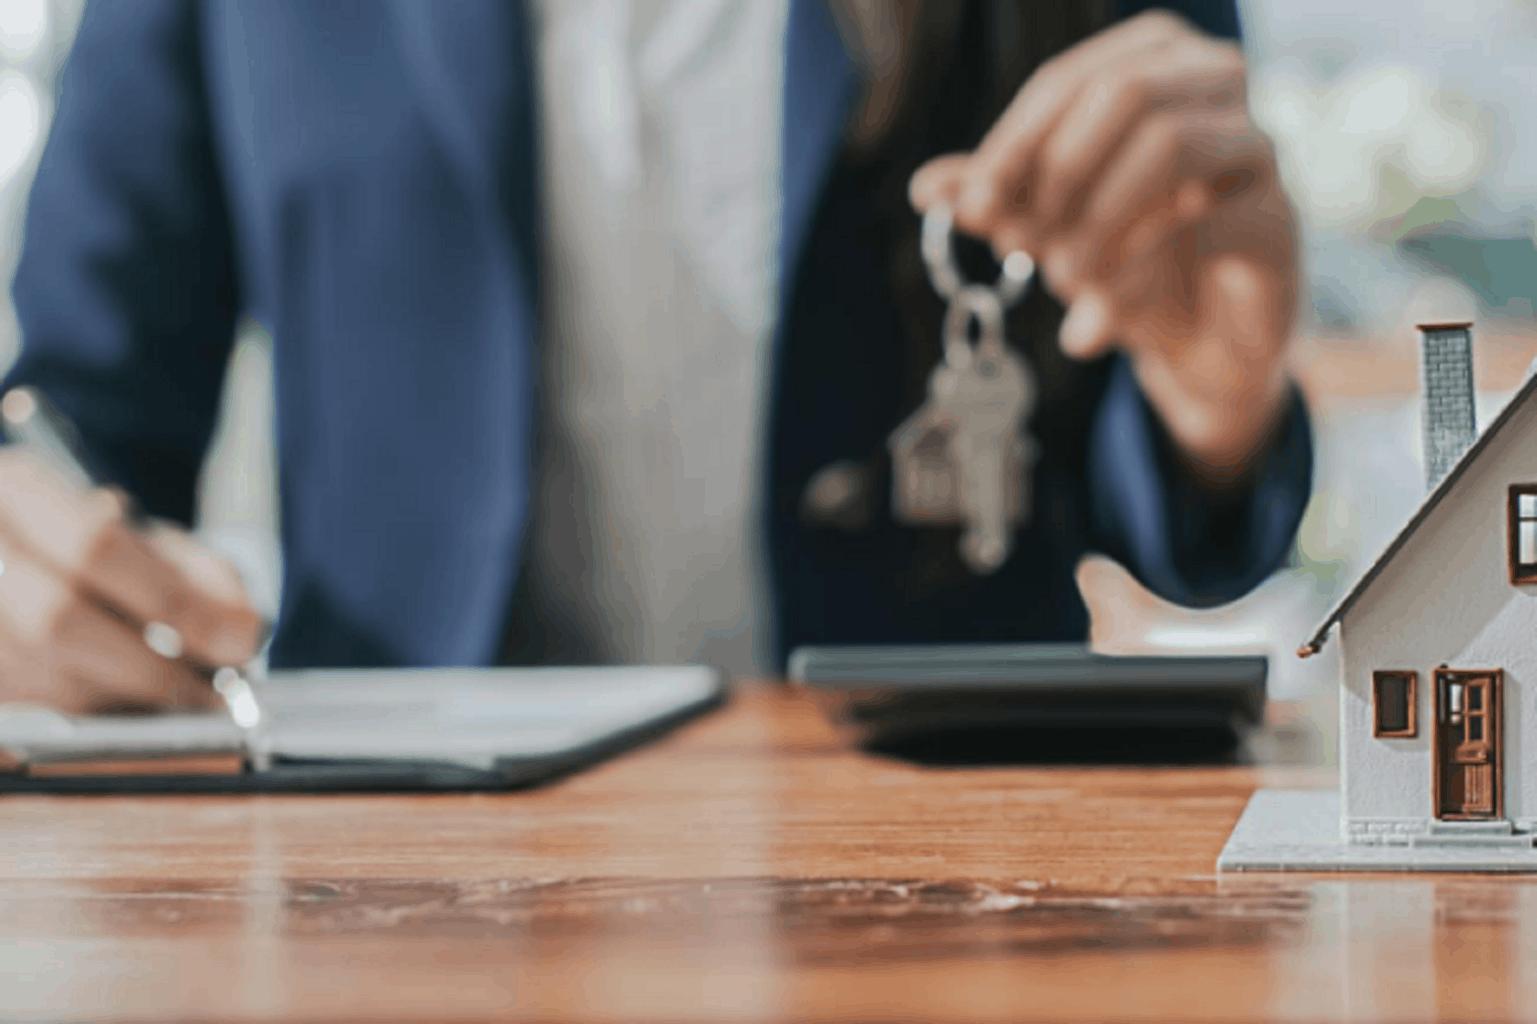 Skilled Mortgage Broker Texas Saint Charles St. Louis Missouri